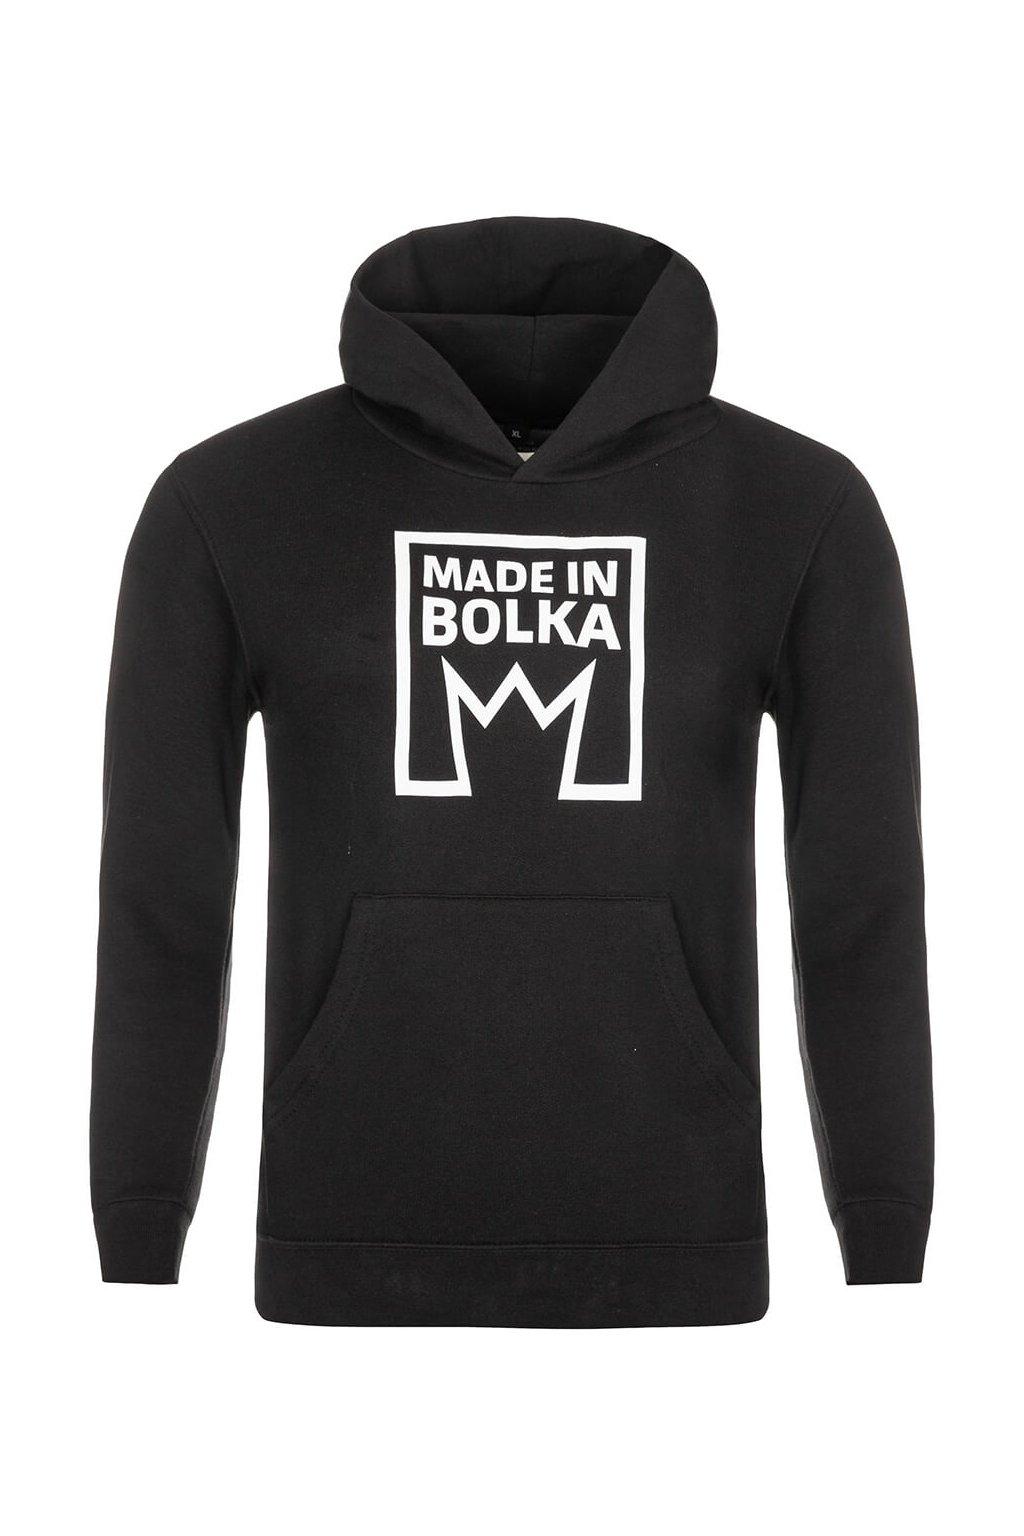 MB011 MADE IN BOLKA MIKINA ČERNÁ